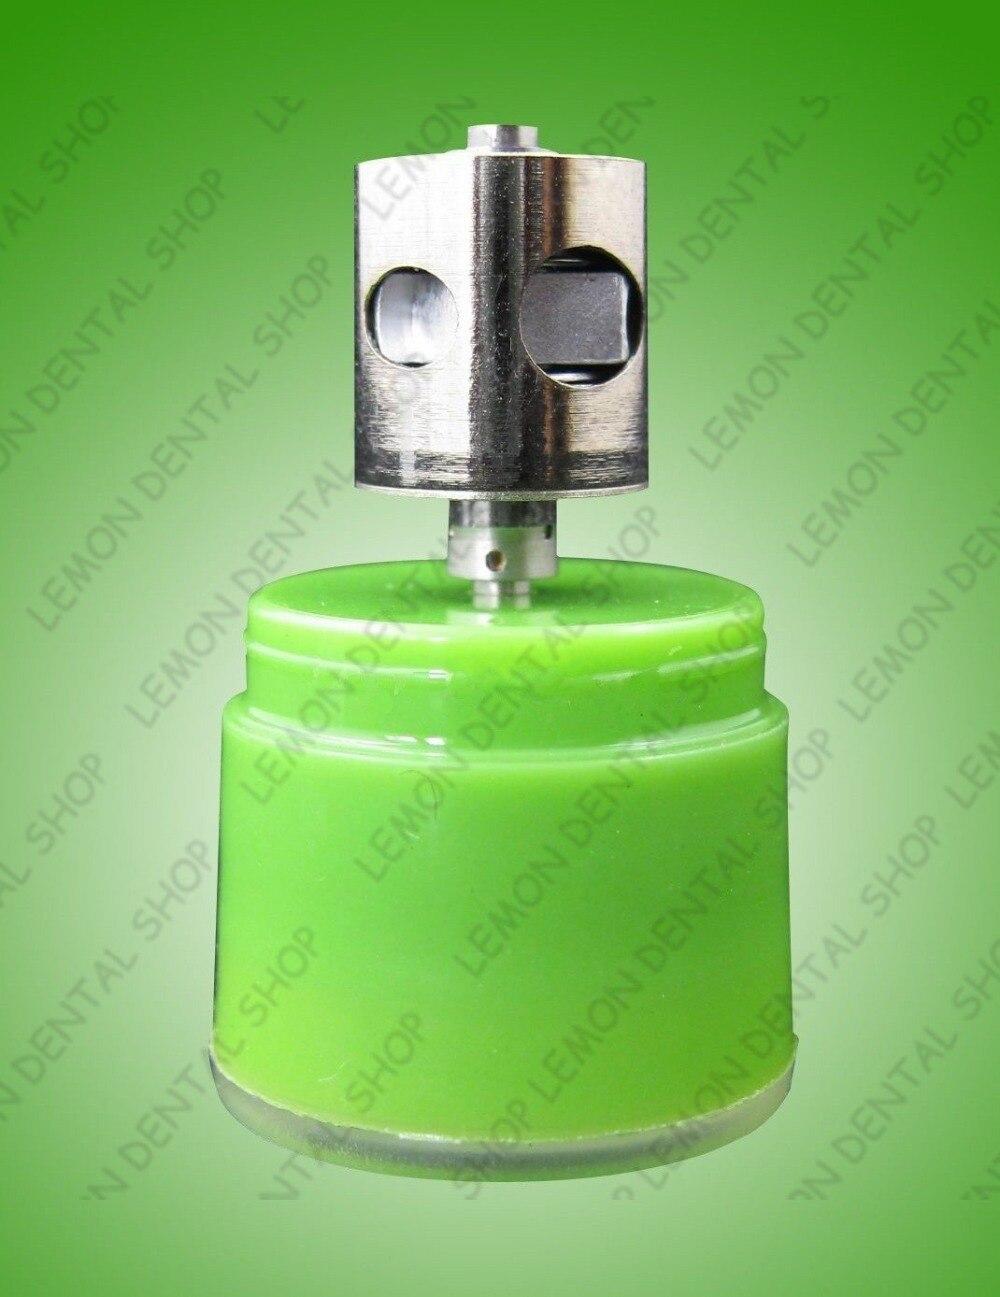 2x Kecepatan Tinggi Handpiece Gigi Push Button Cartridge Turbin MINI Head kompatibel dengan PANAAIR NSK